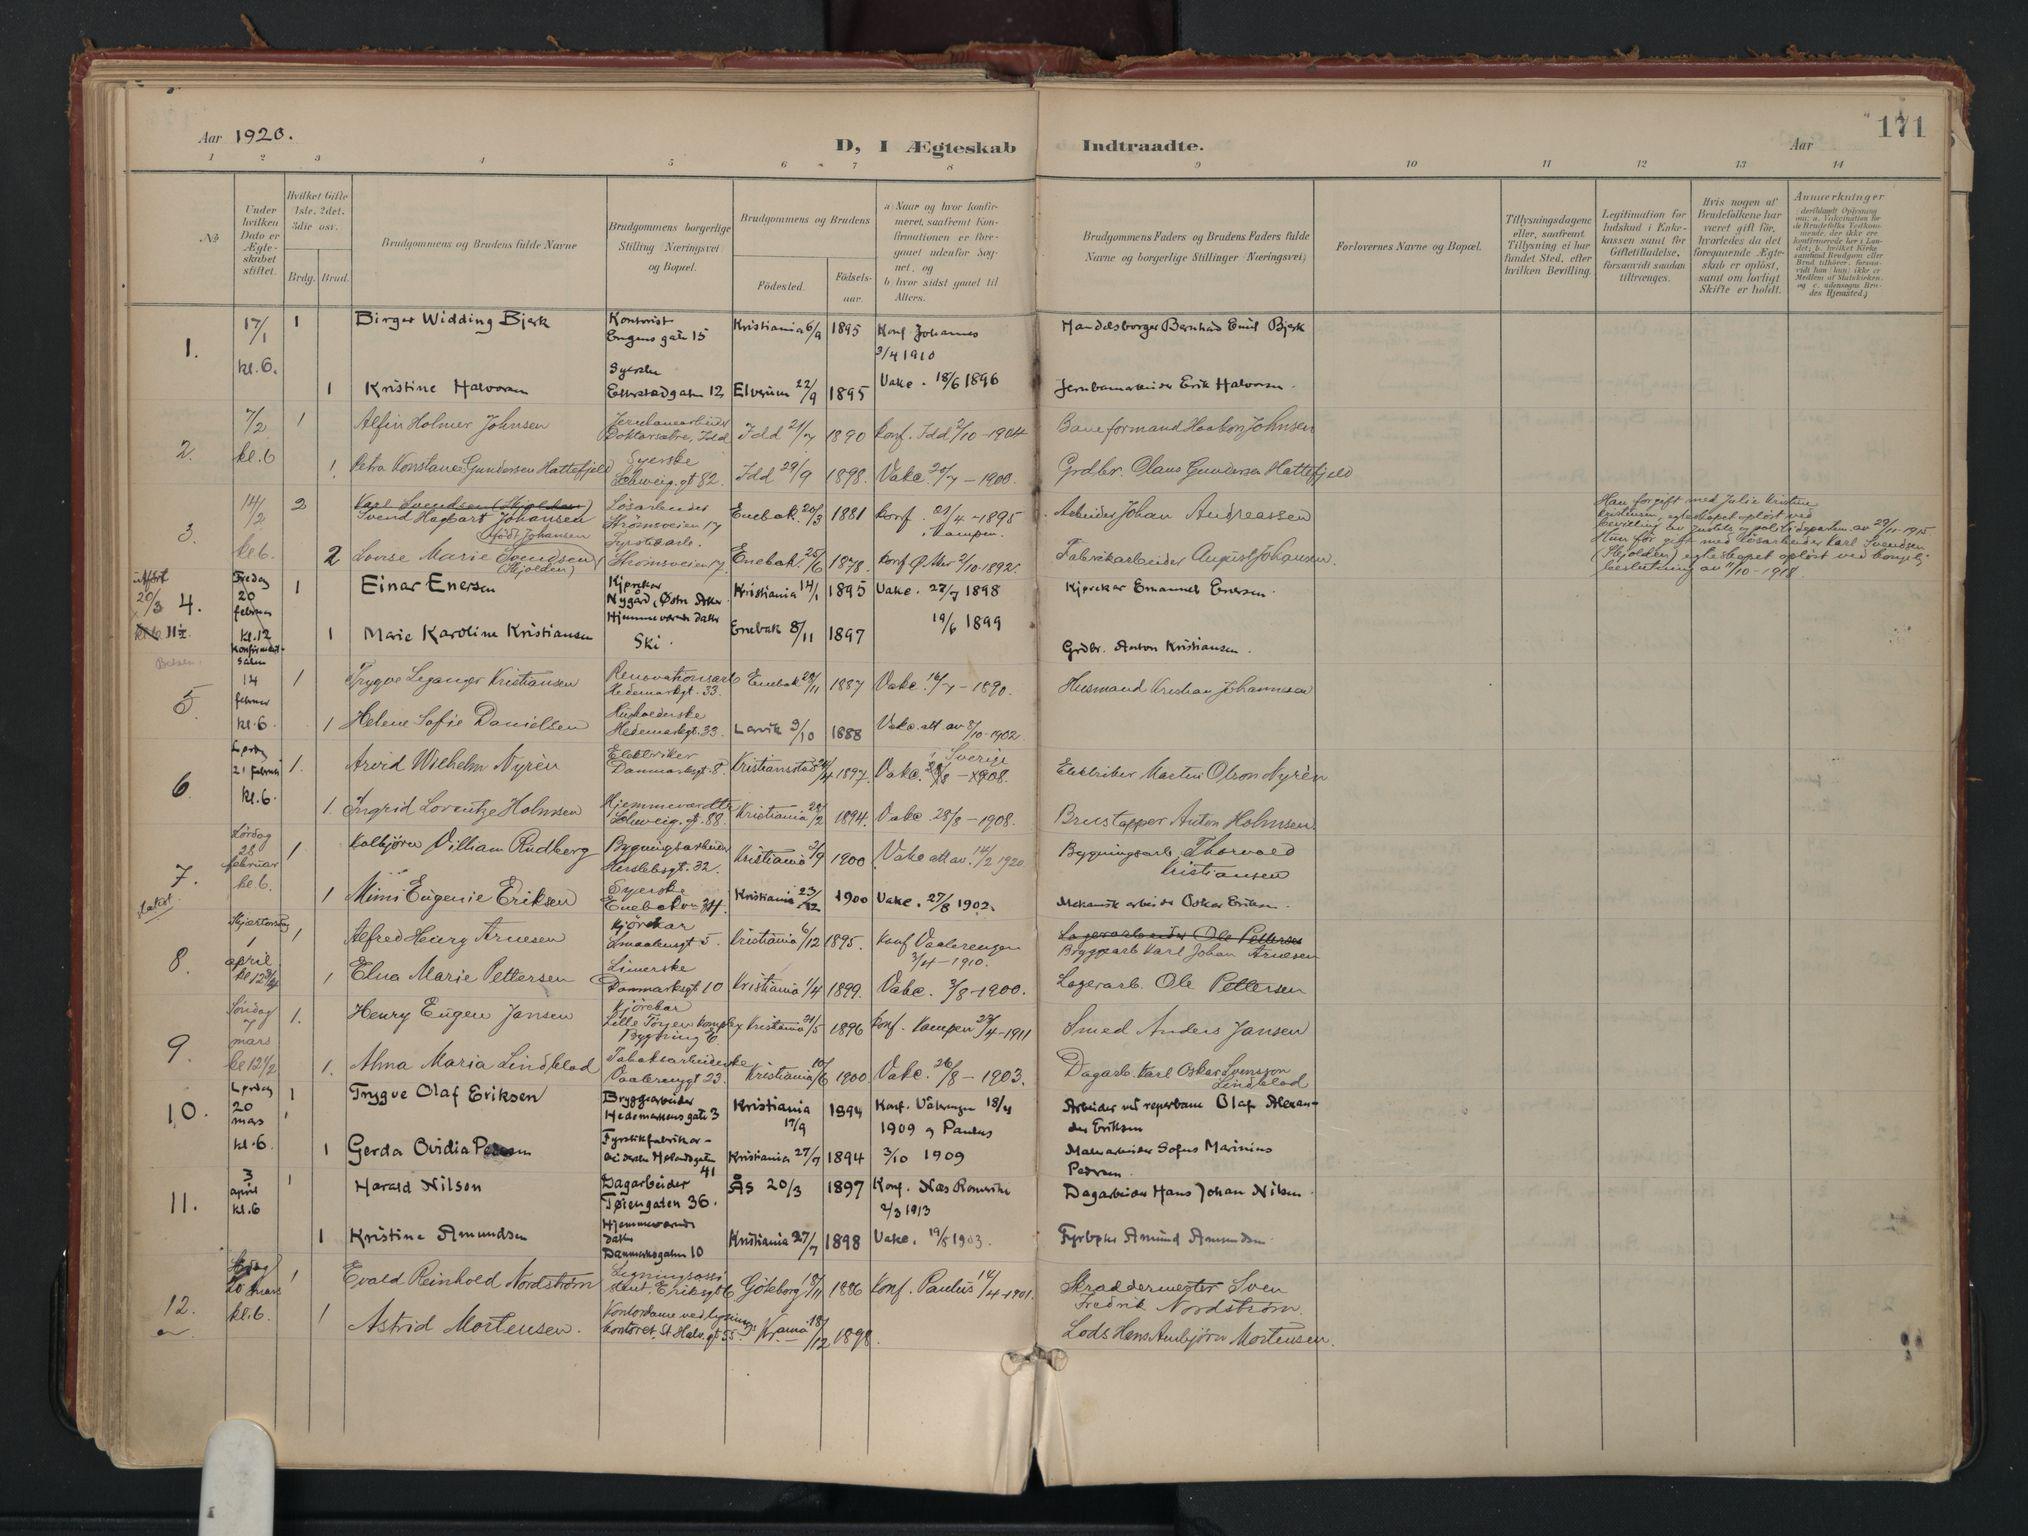 SAO, Vålerengen prestekontor Kirkebøker, F/Fa/L0002: Ministerialbok nr. 2, 1899-1924, s. 171